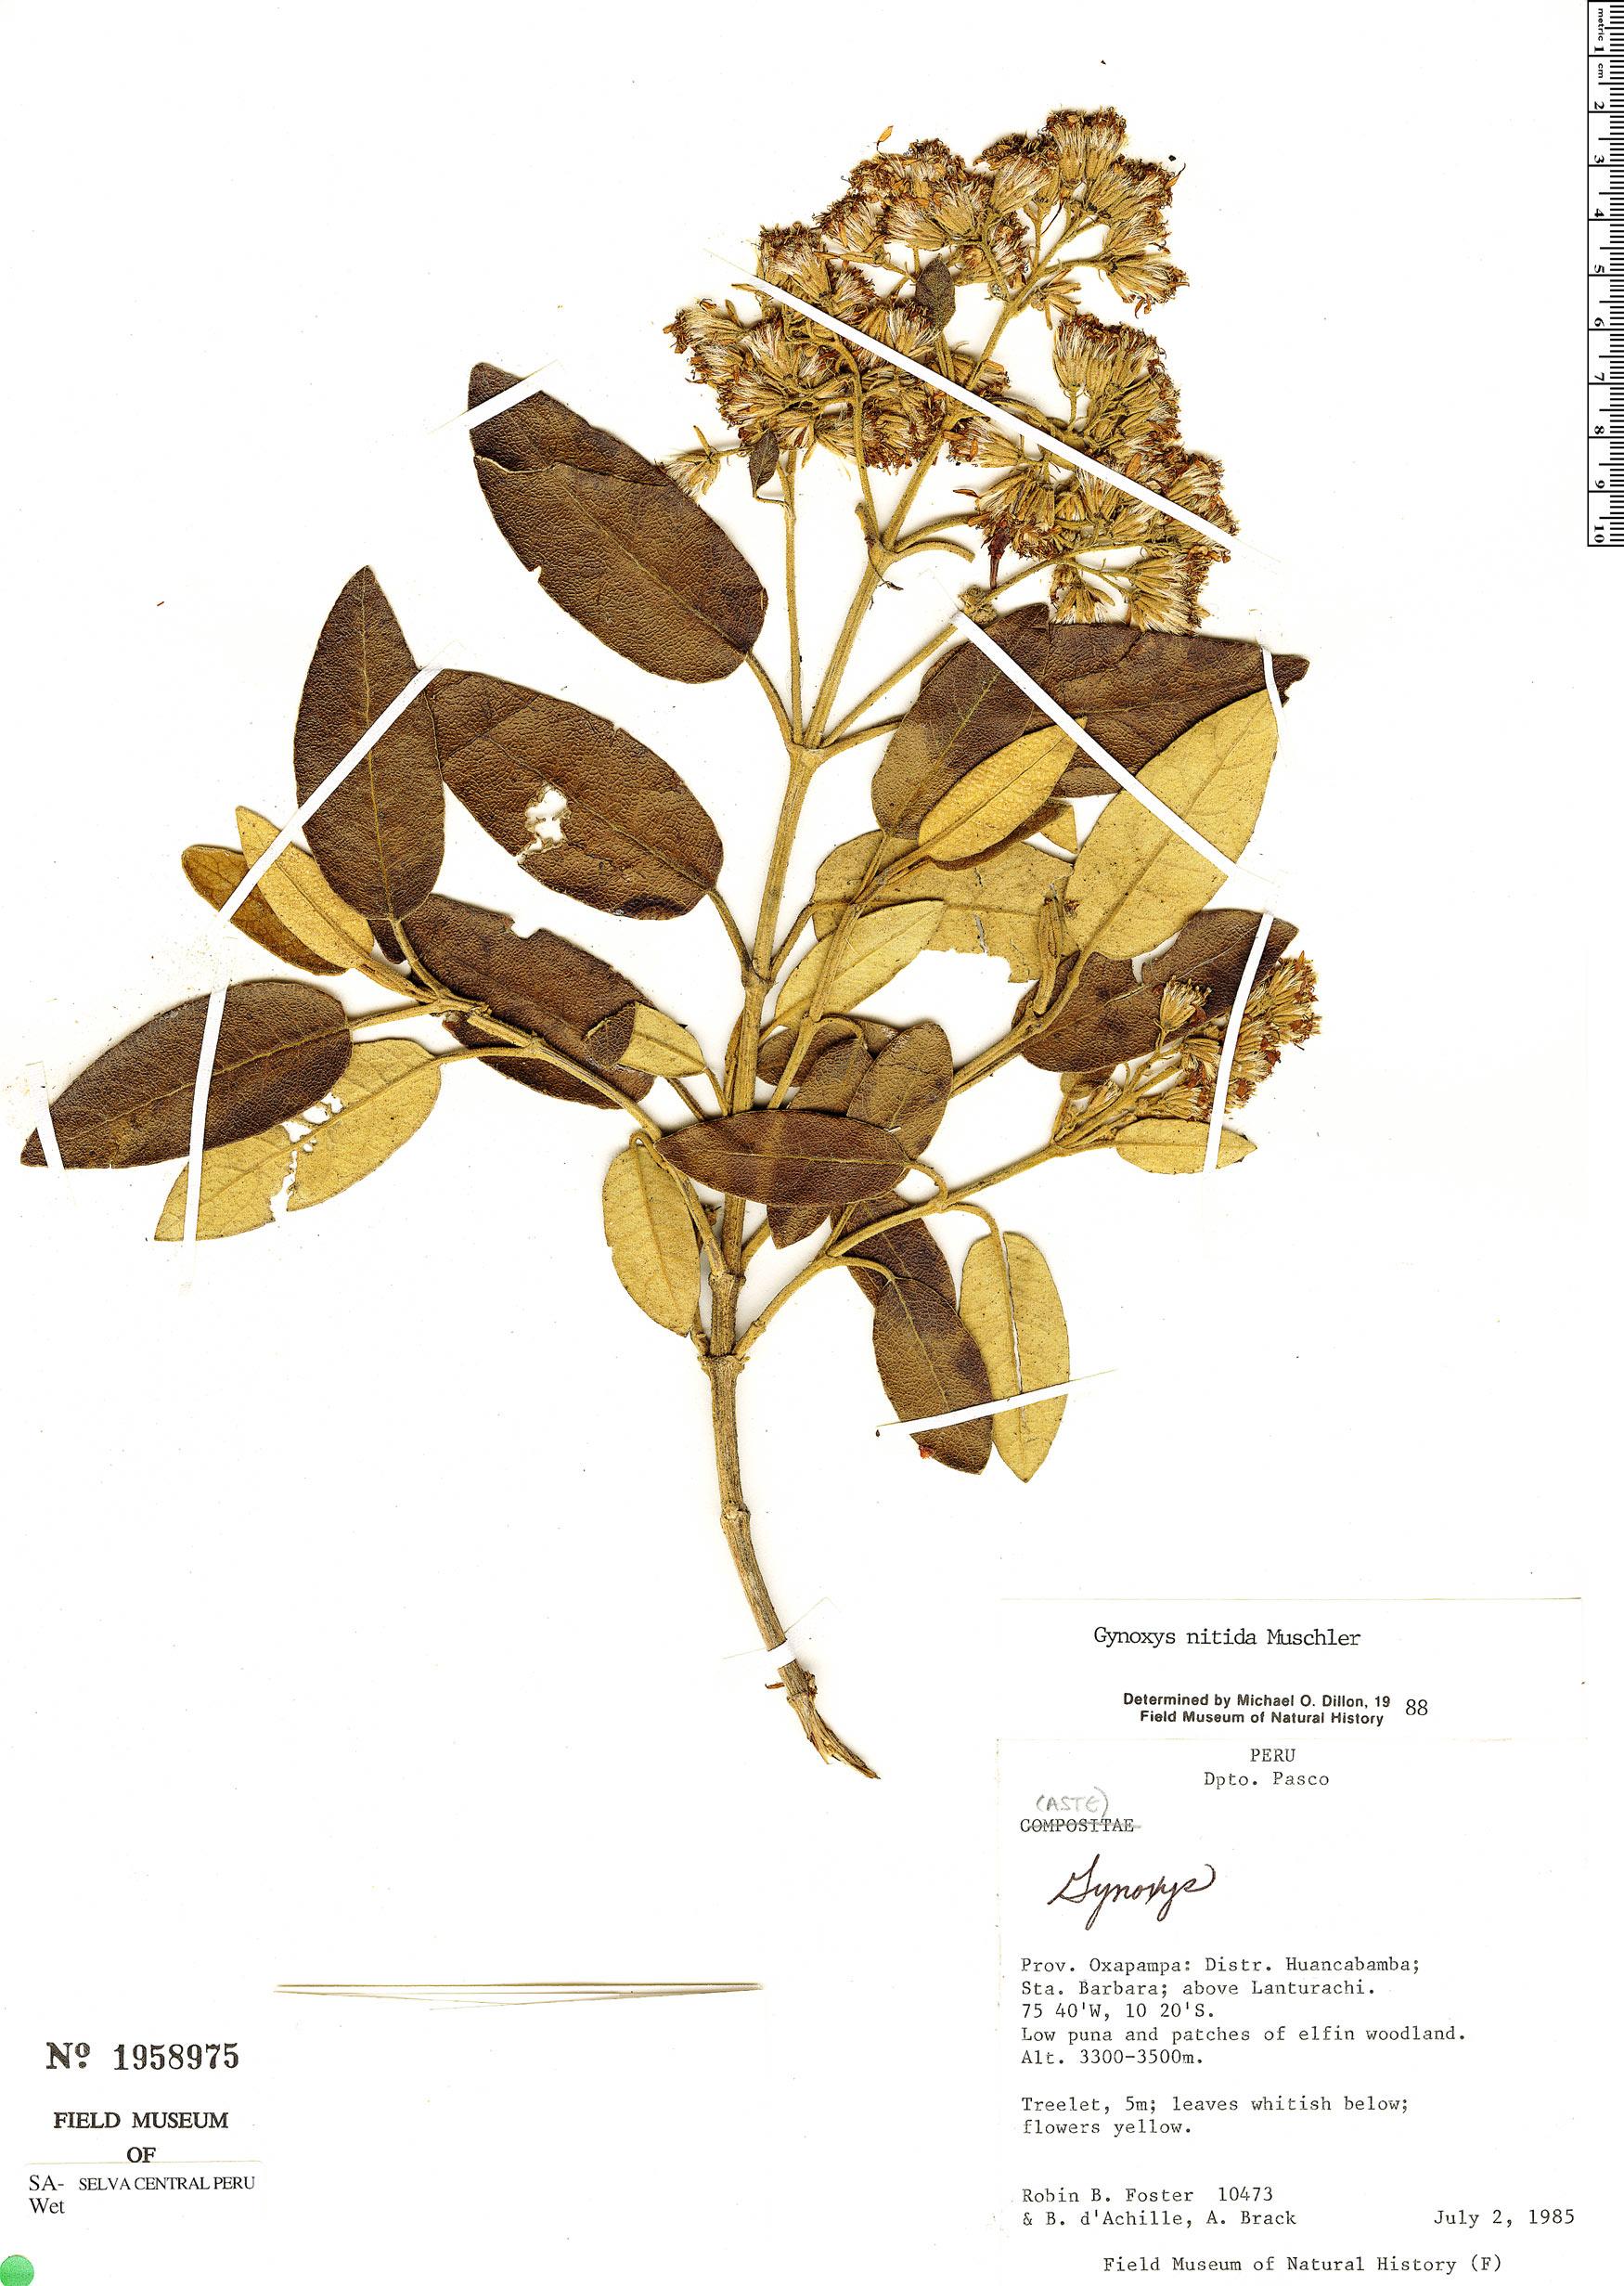 Specimen: Gynoxys nitida